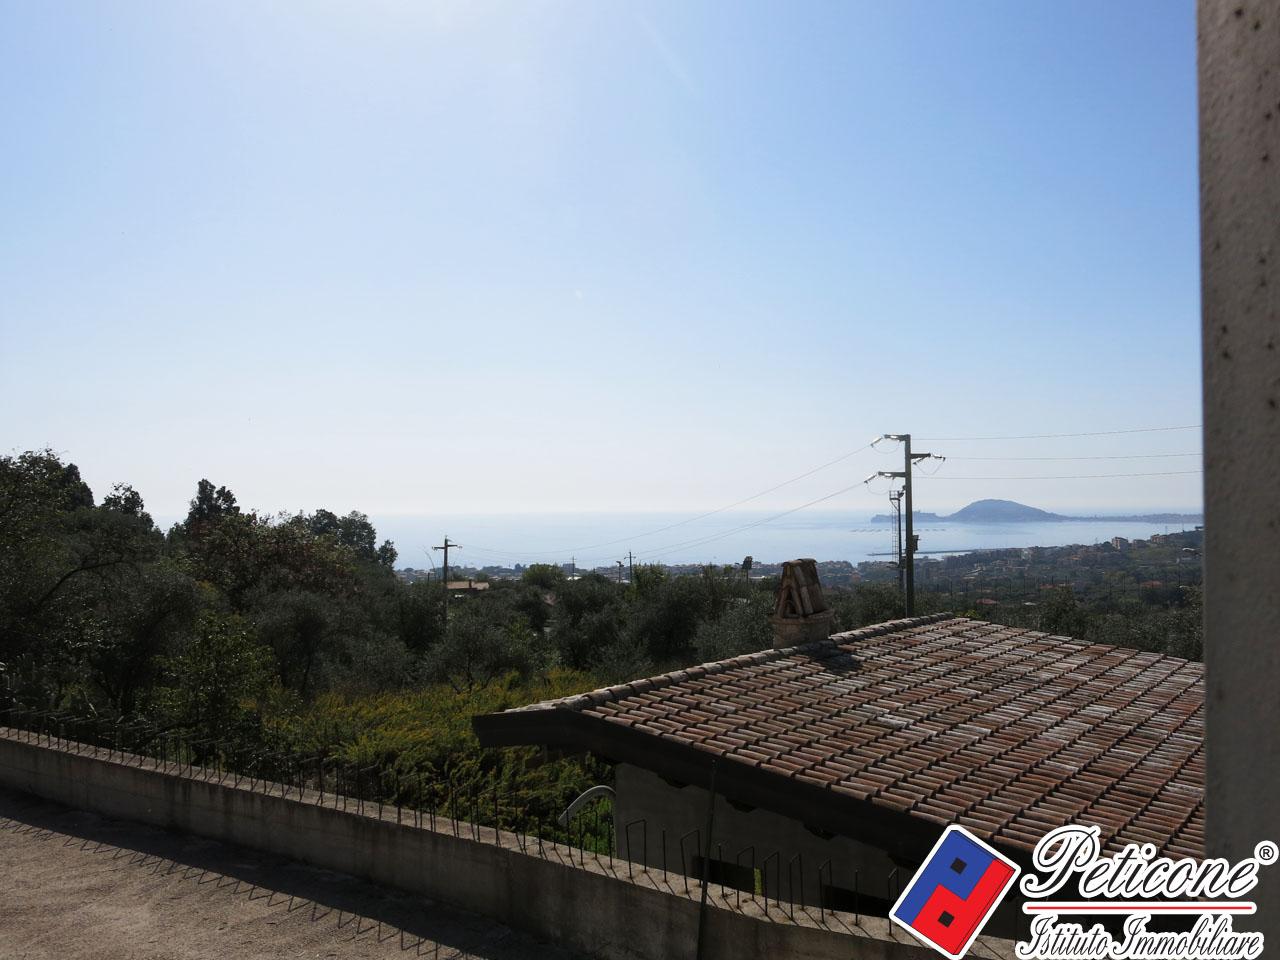 Villa in Vendita a Formia: 4 locali, 90 mq - Foto 17